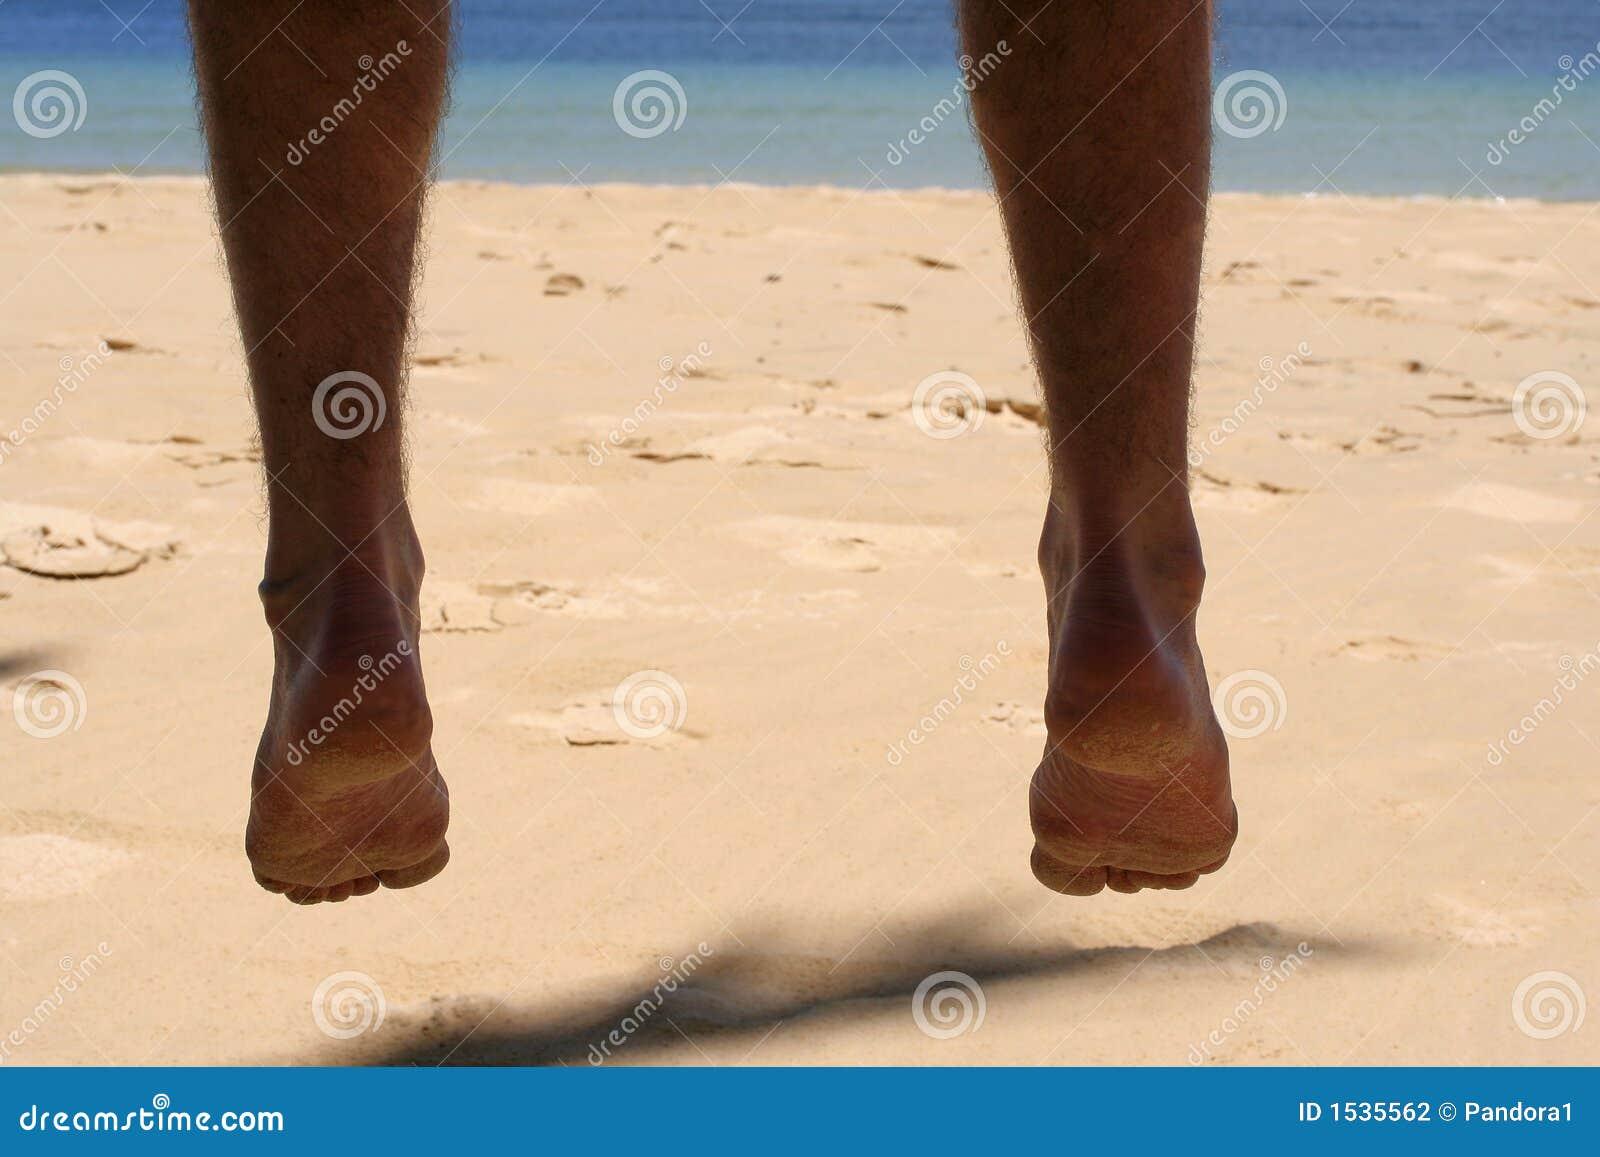 Baumelnde Füße